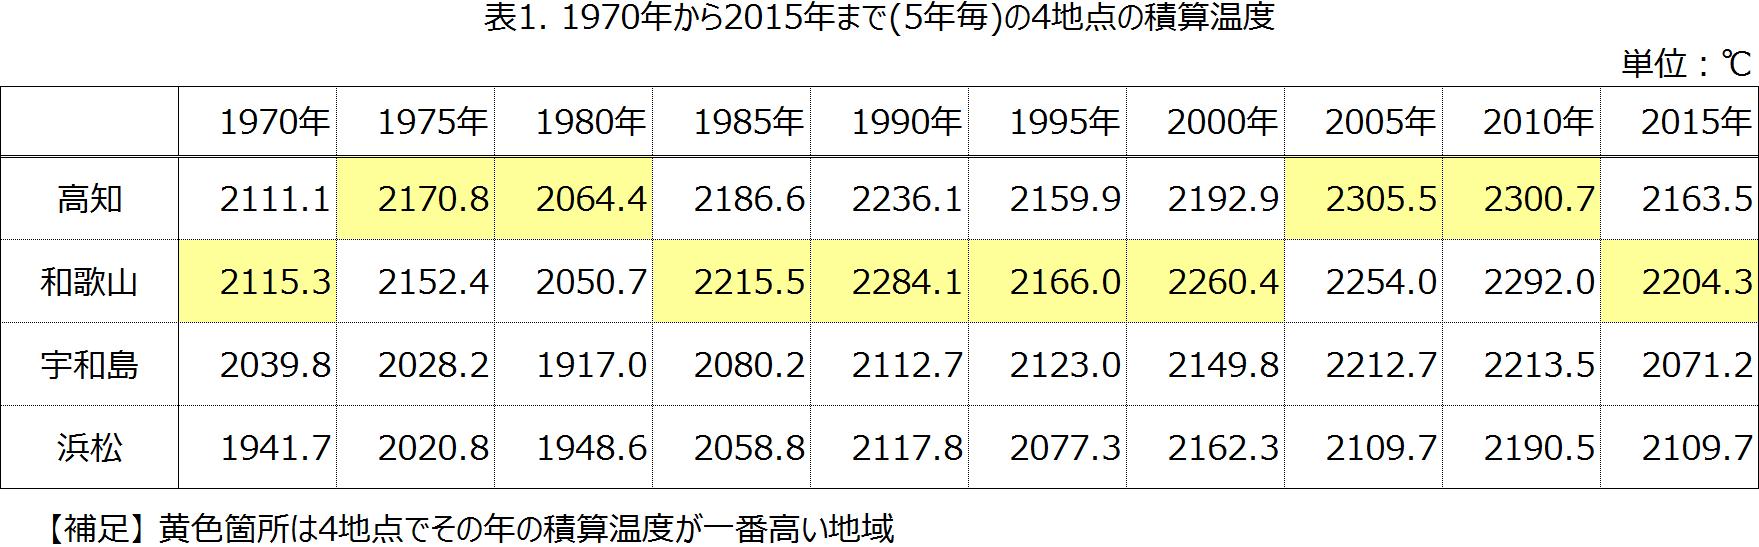 積算温度の計算結果表